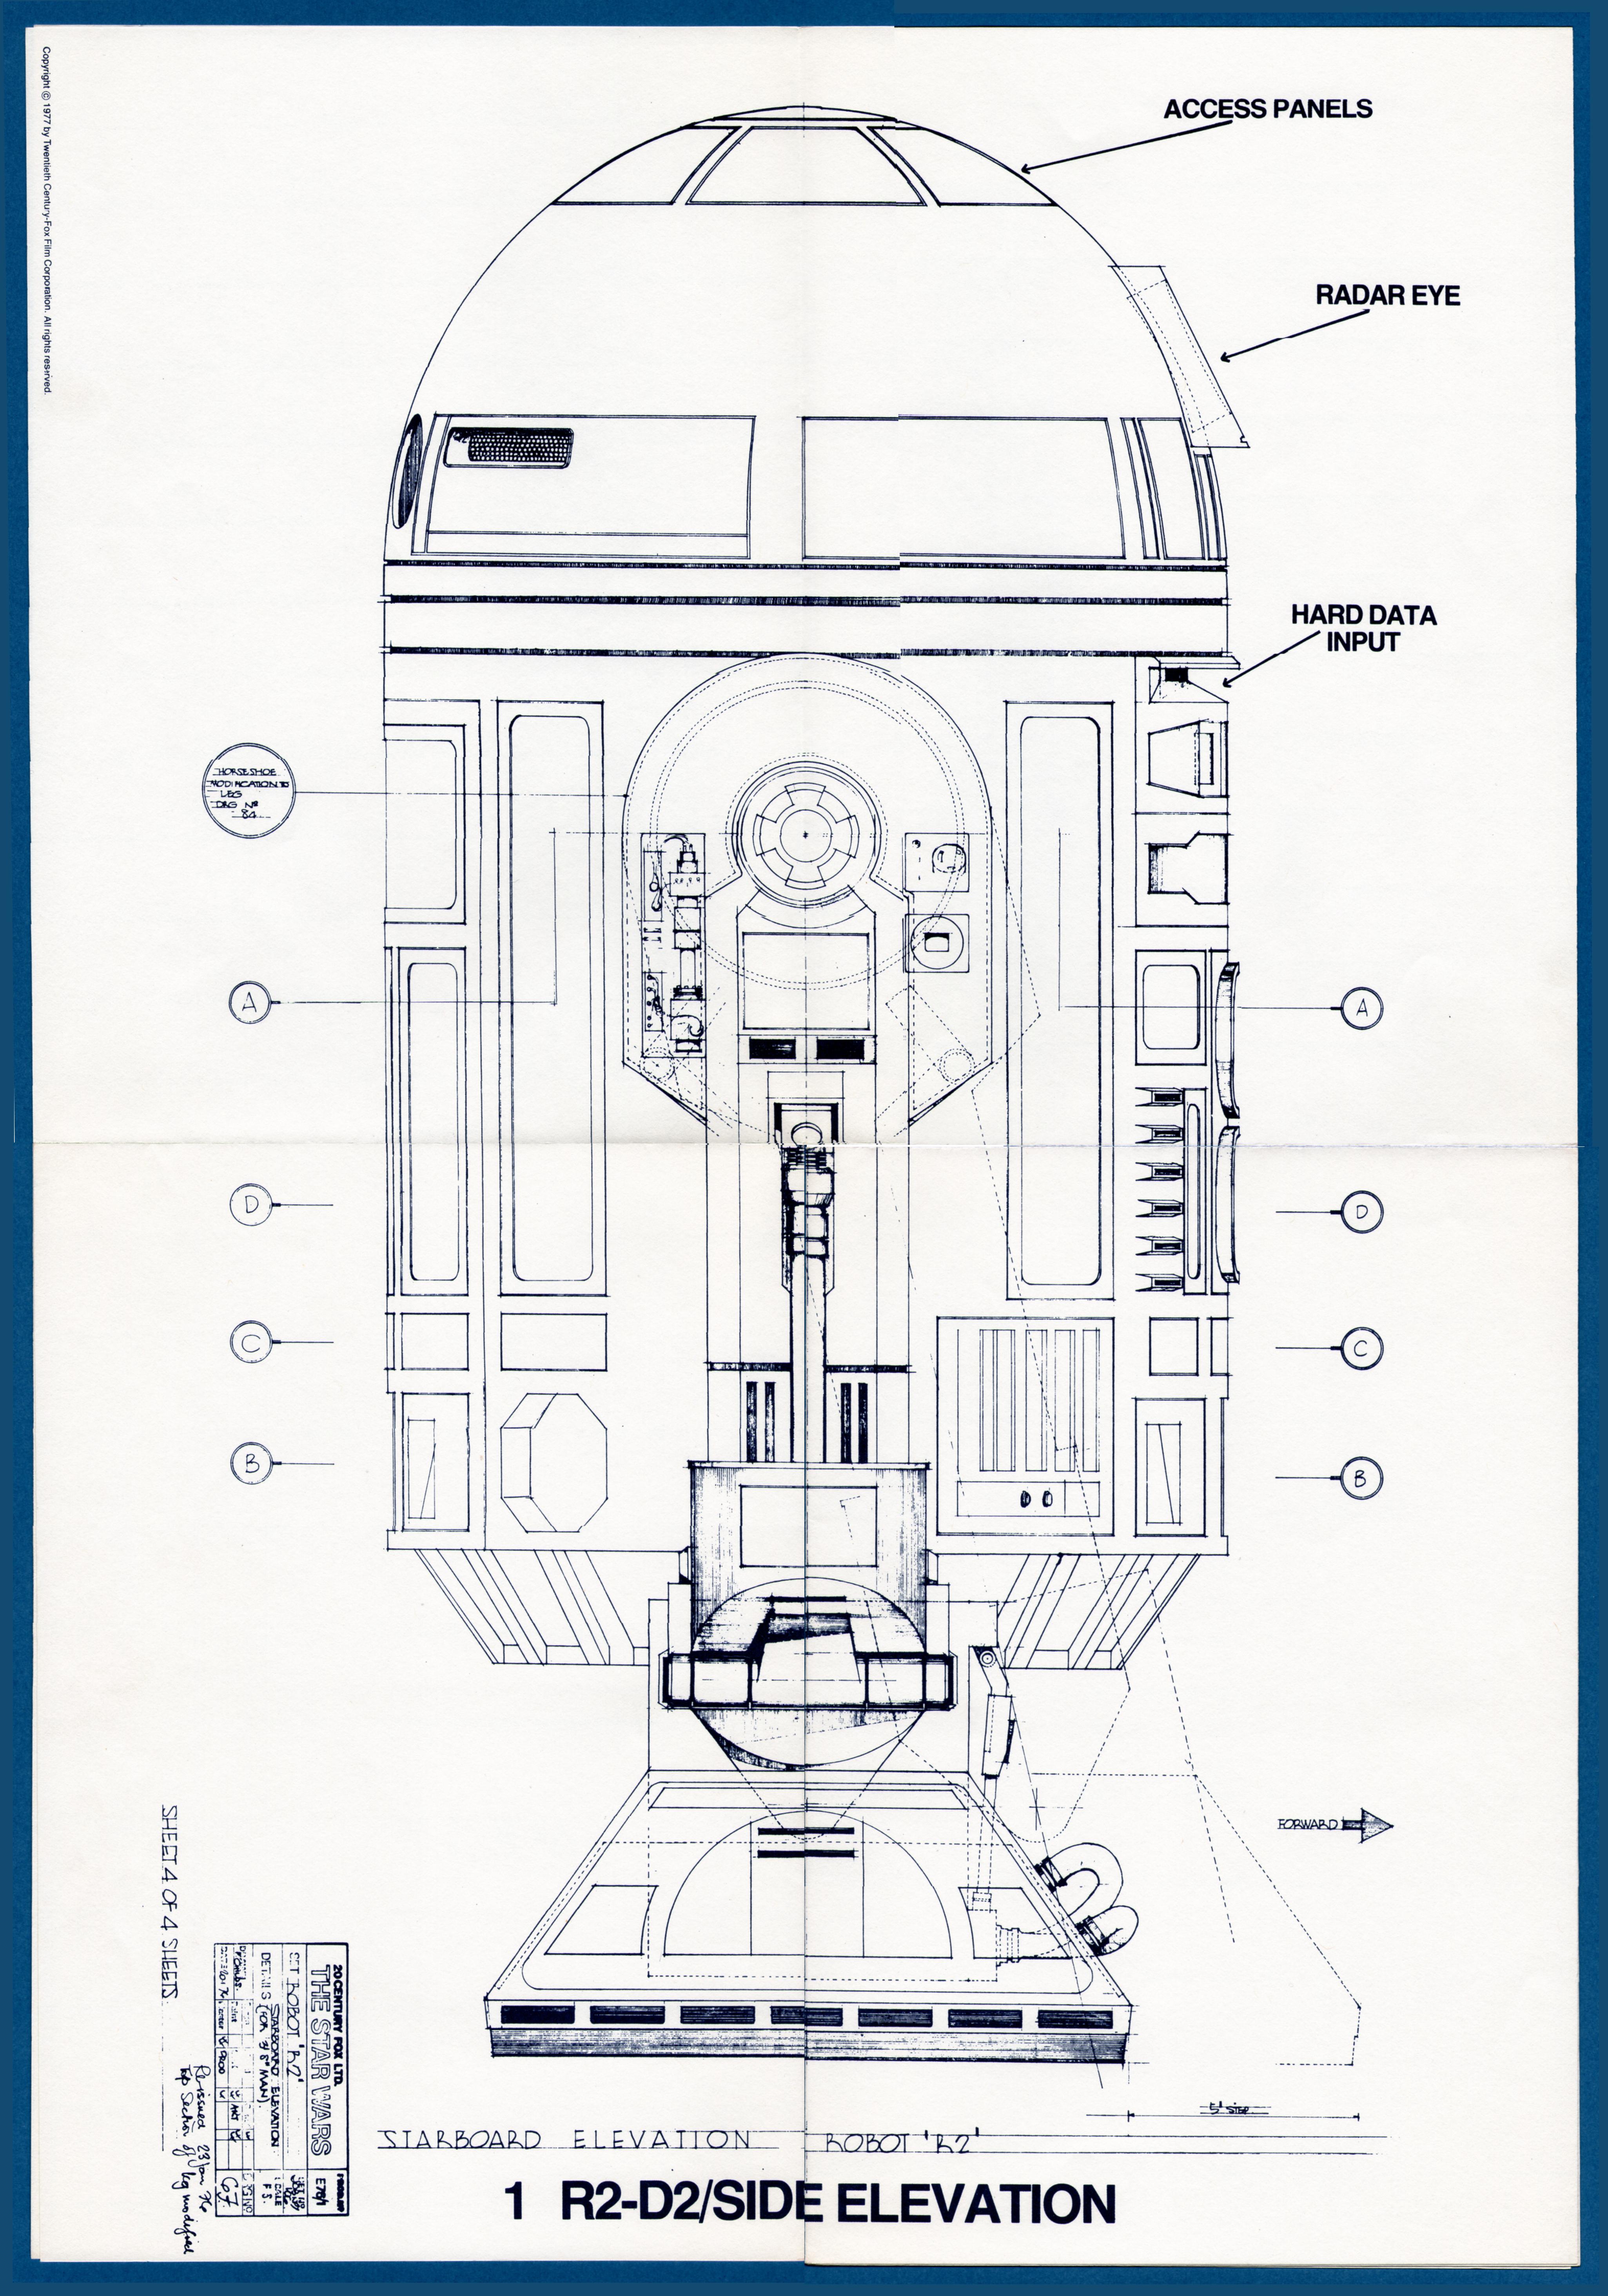 R2 d2 side elevation blueprint blueprints pinterest for Buy blueprints online